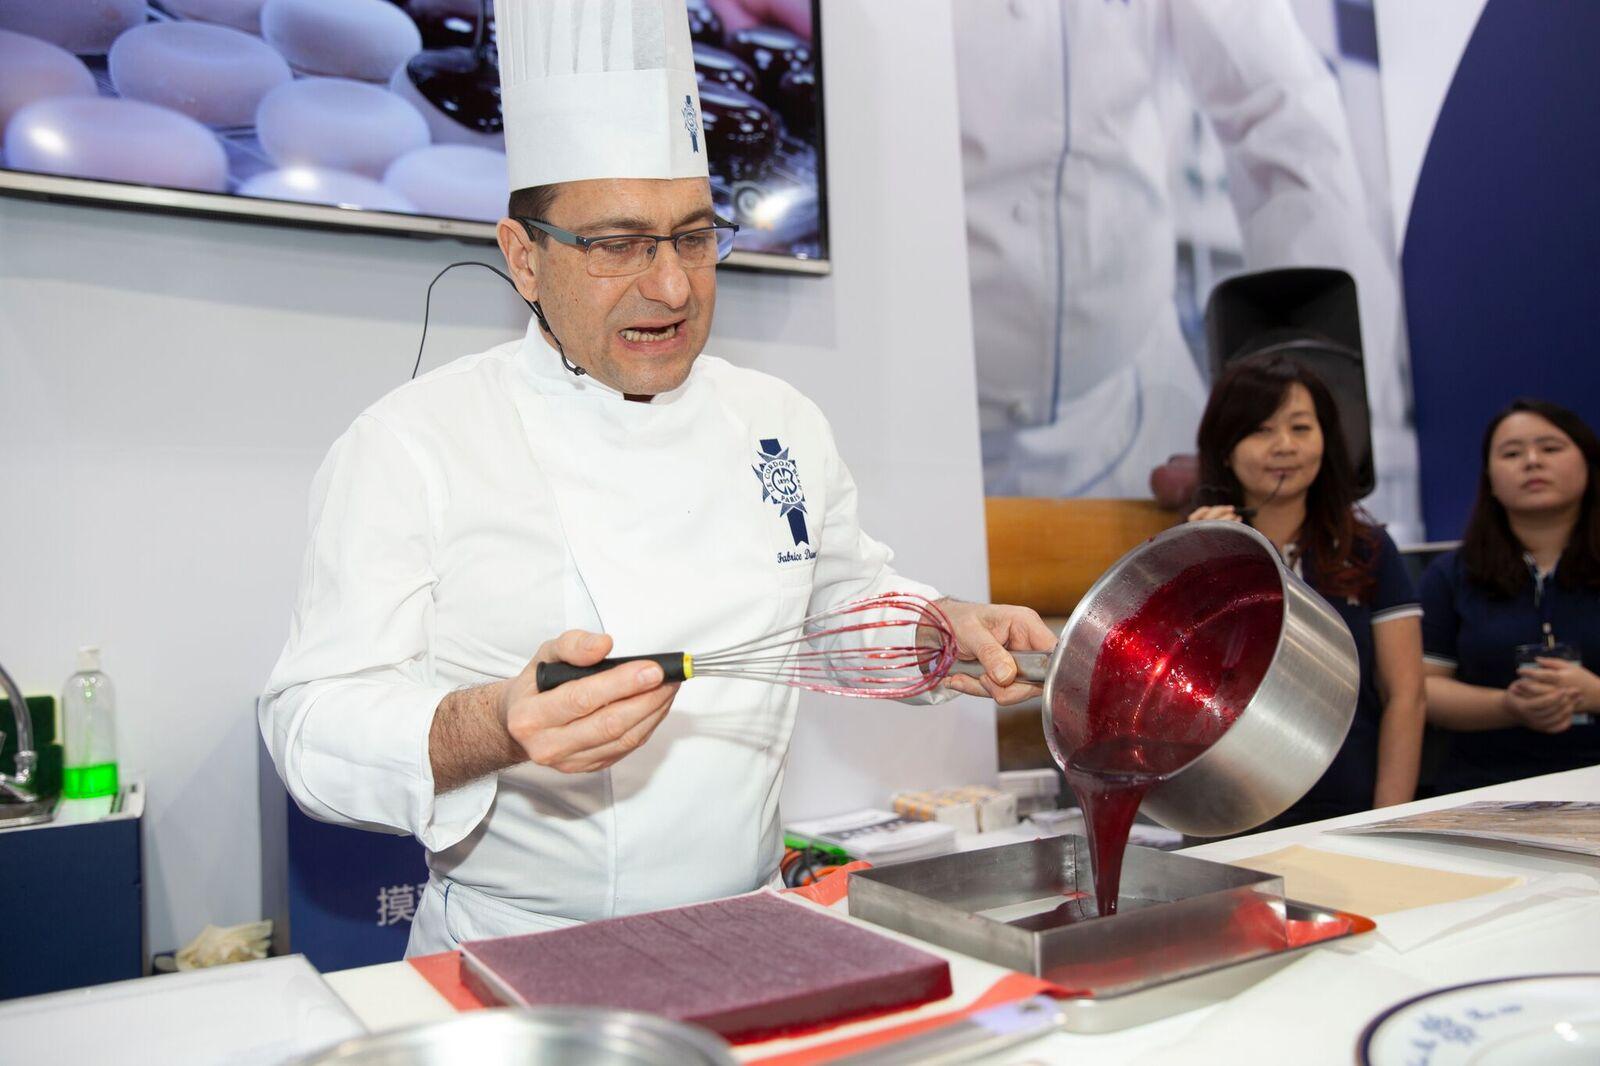 Perfect Pairings: Sake and Cheese at Le Cordon Bleu Tokyo